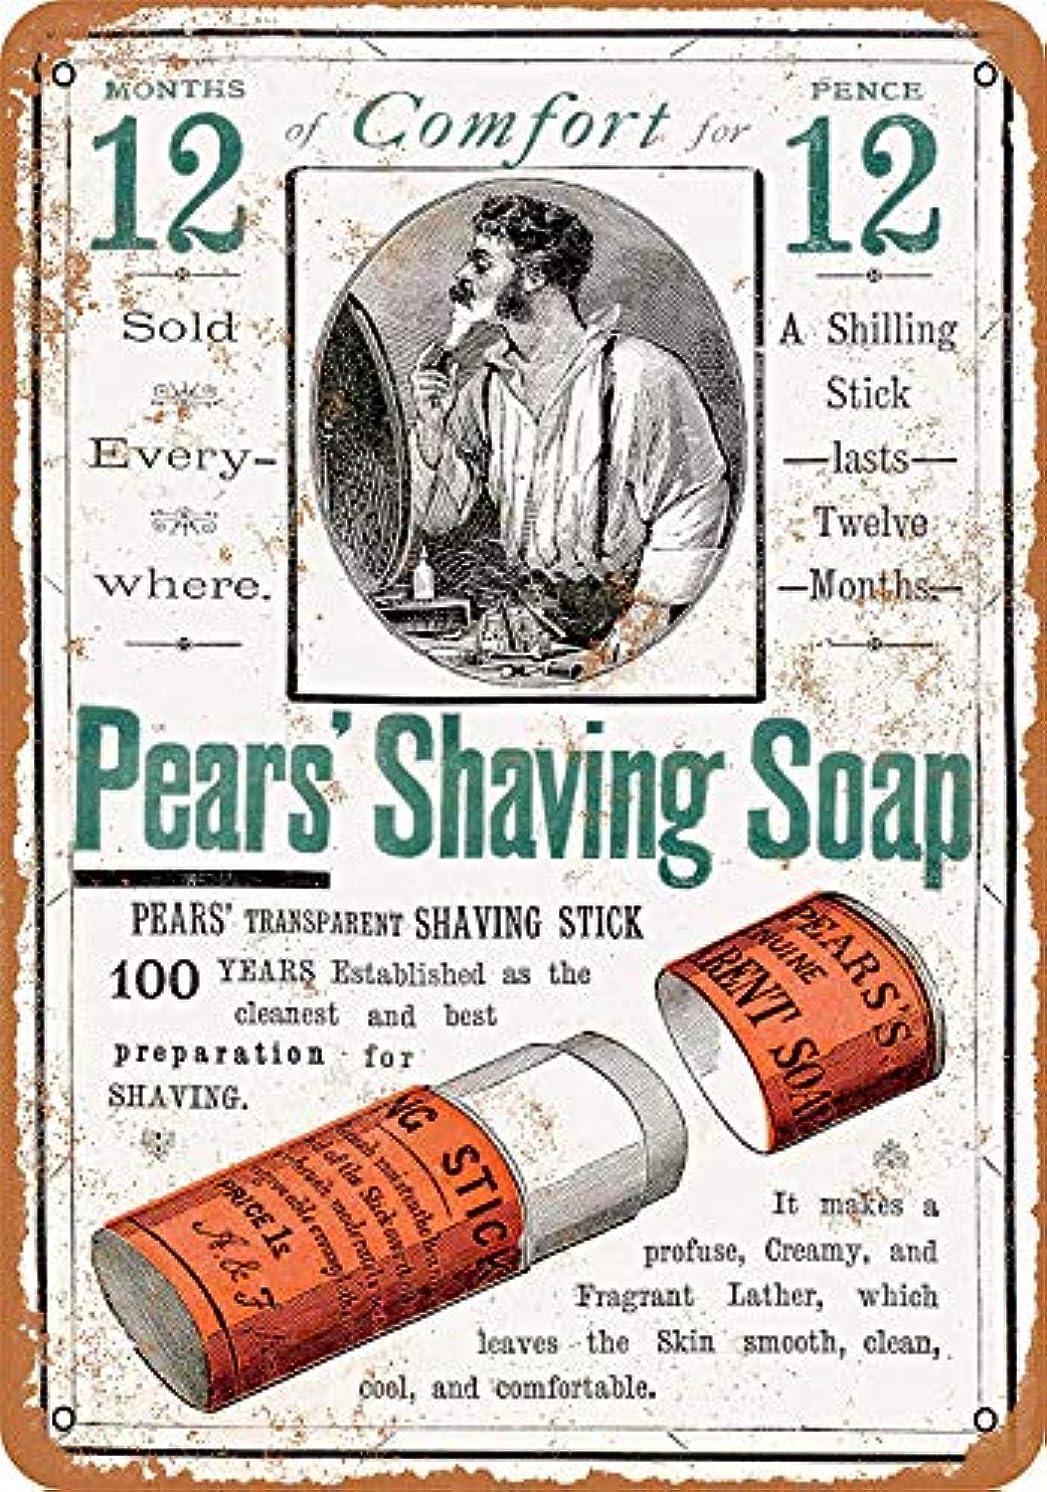 スタック咽頭治安判事Shimaier 壁の装飾 ブリキ 看板メタルサイン 1884 Pears' Shaving Soap ウォールアート バー カフェ 30×40cm ヴィンテージ風 メタルプレート